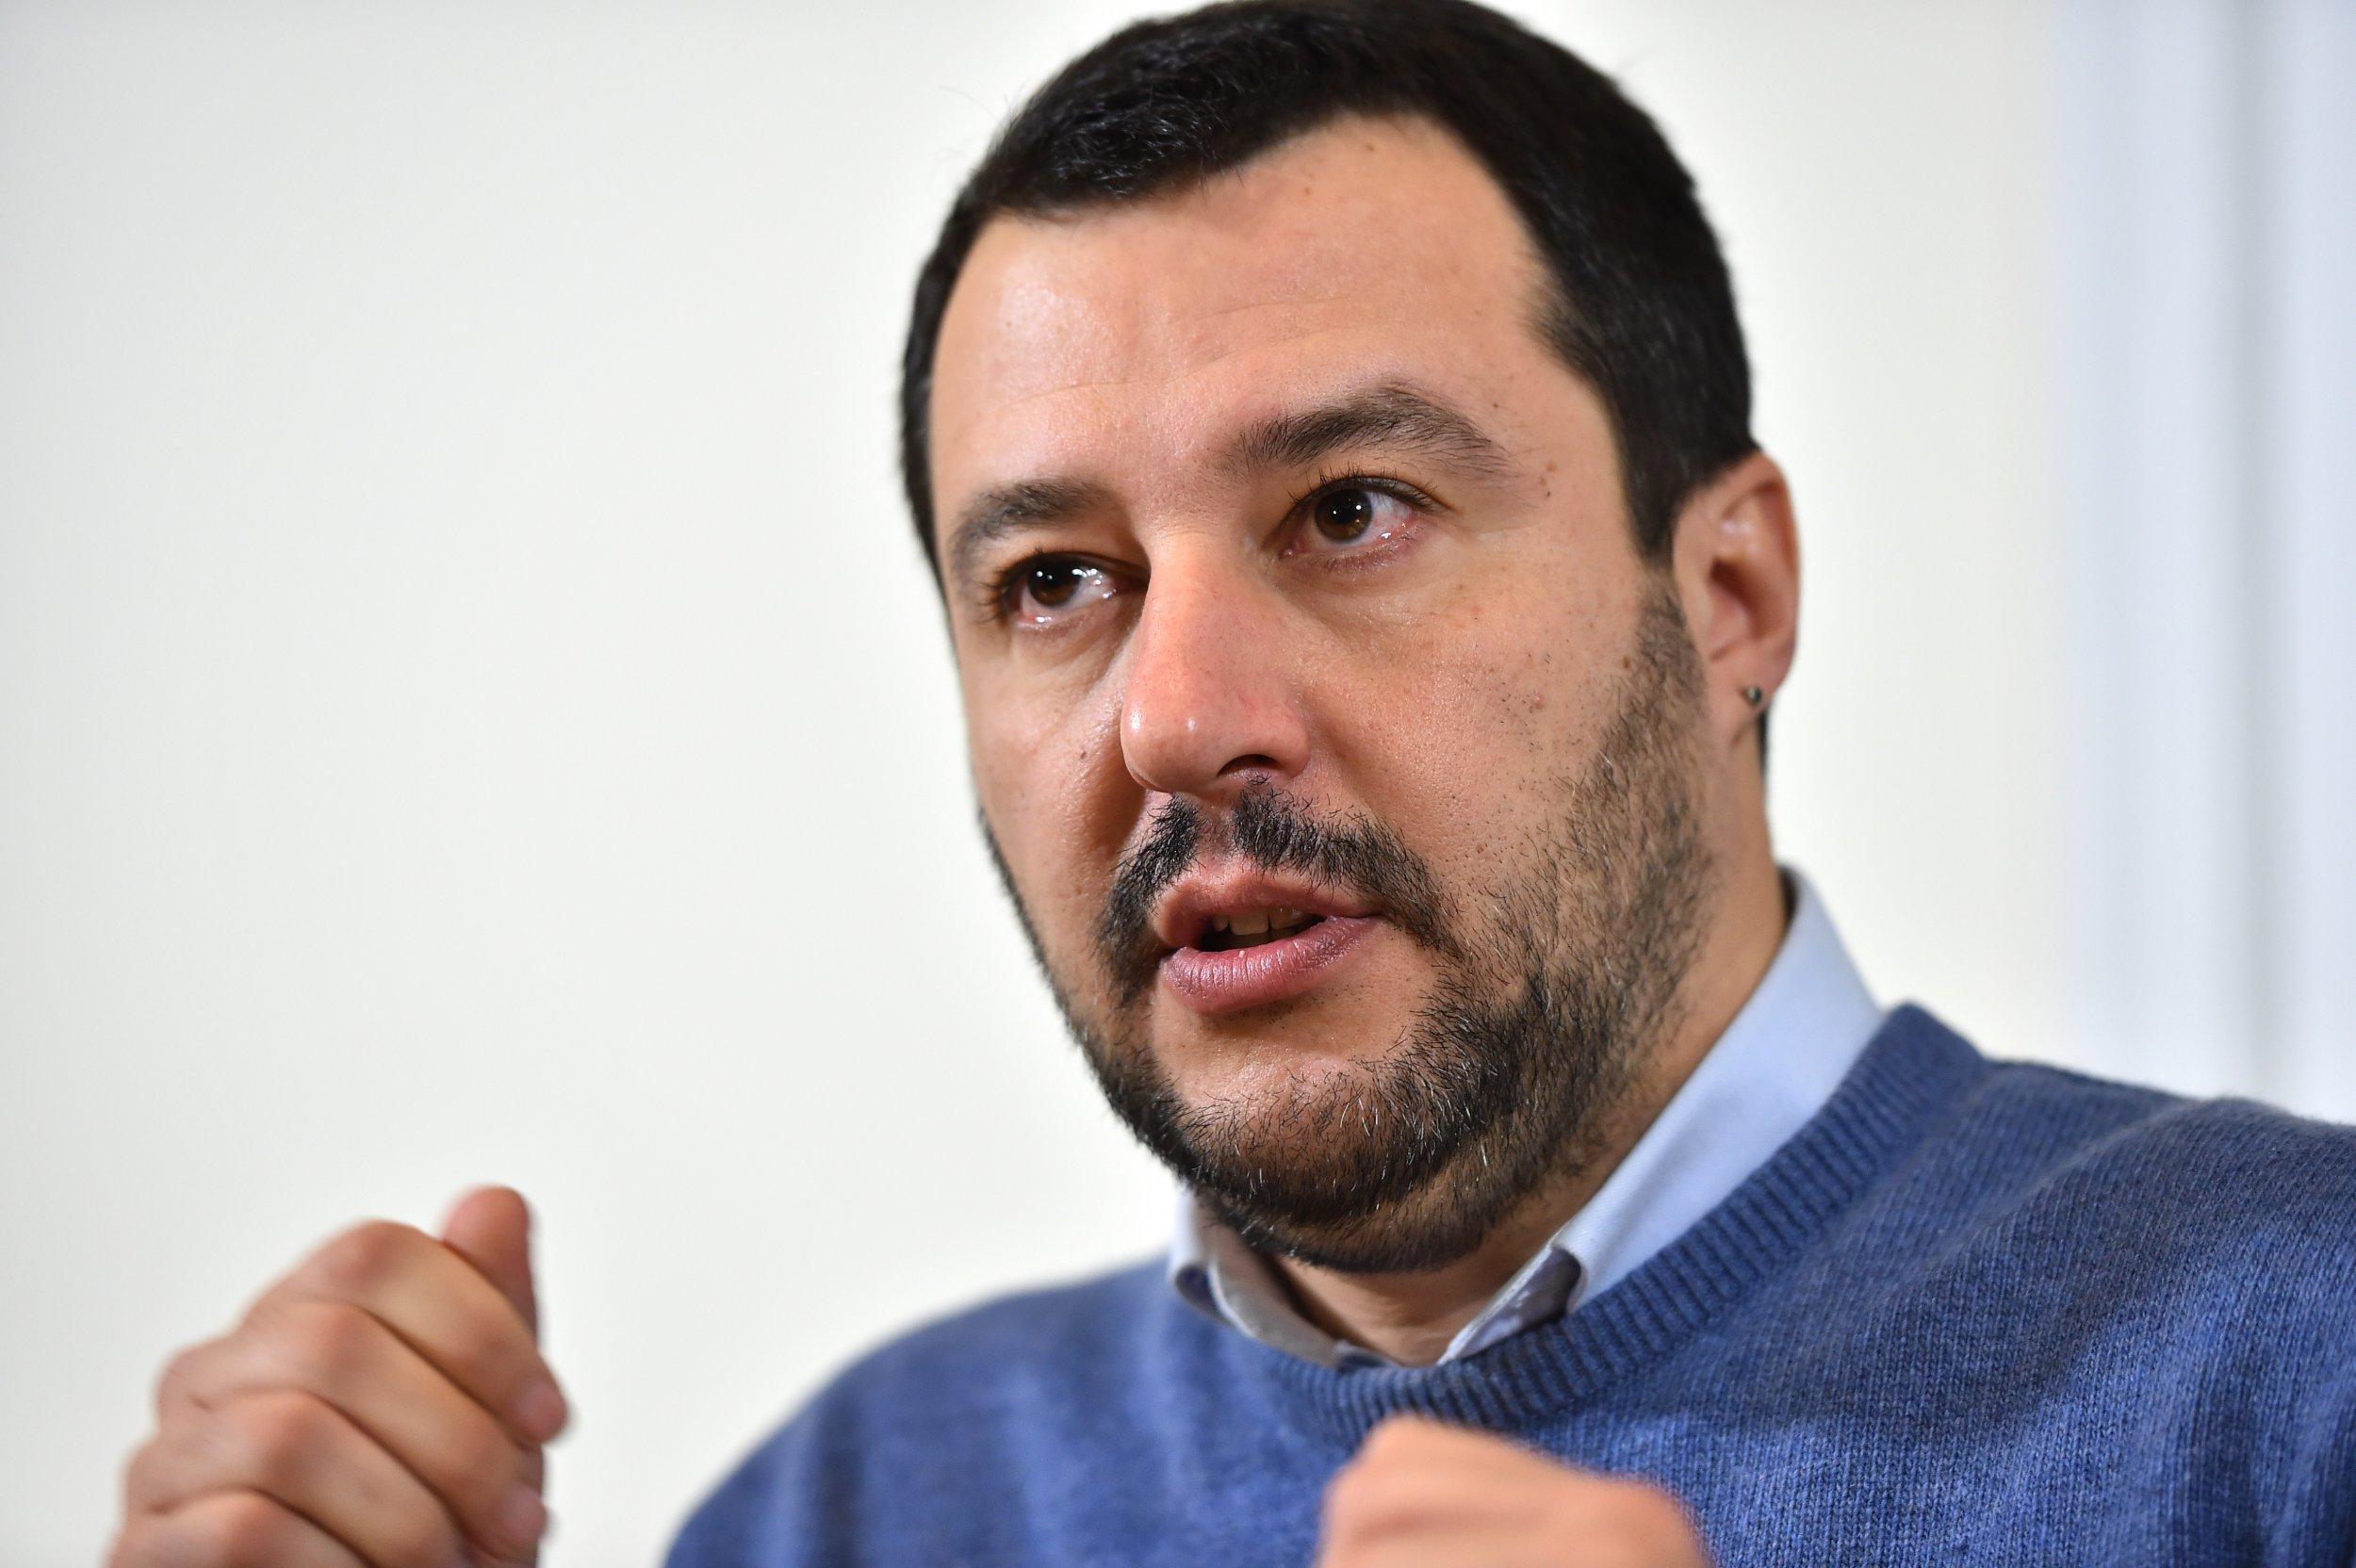 Lega Nords leader Matteo Salvini. Peter Dazeley/Getty